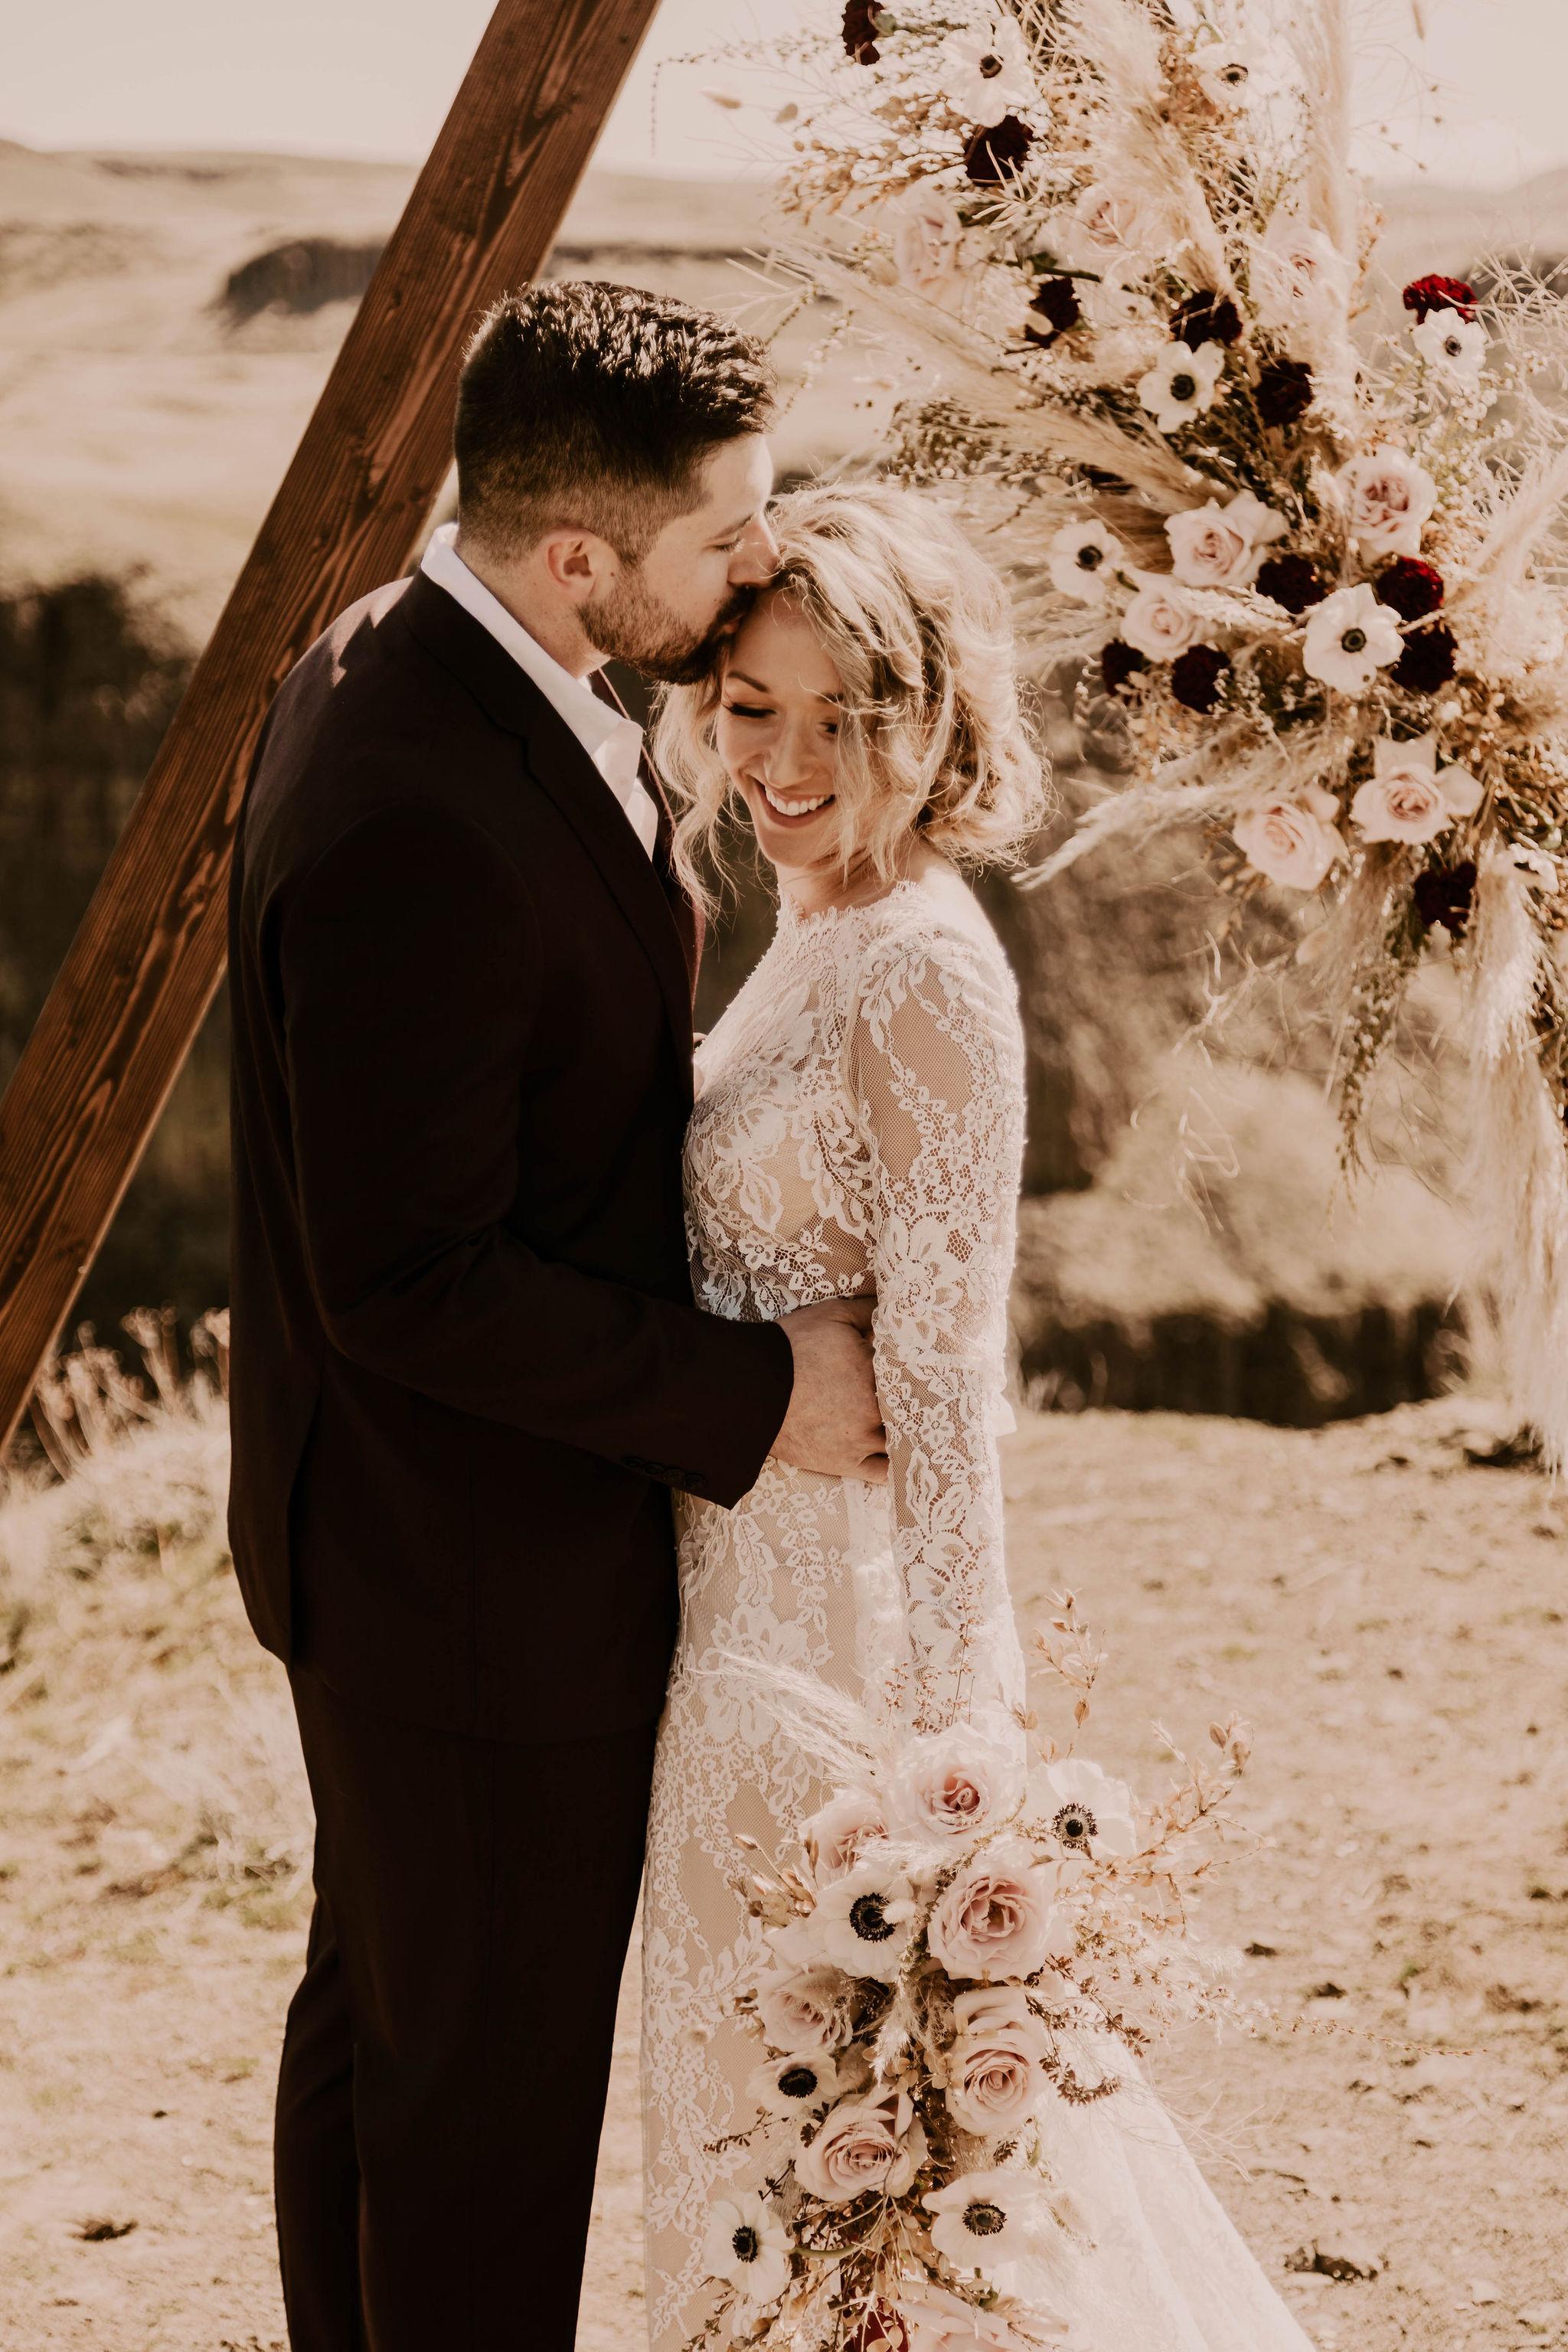 sweet married couple happy spokane bridal shop wedding